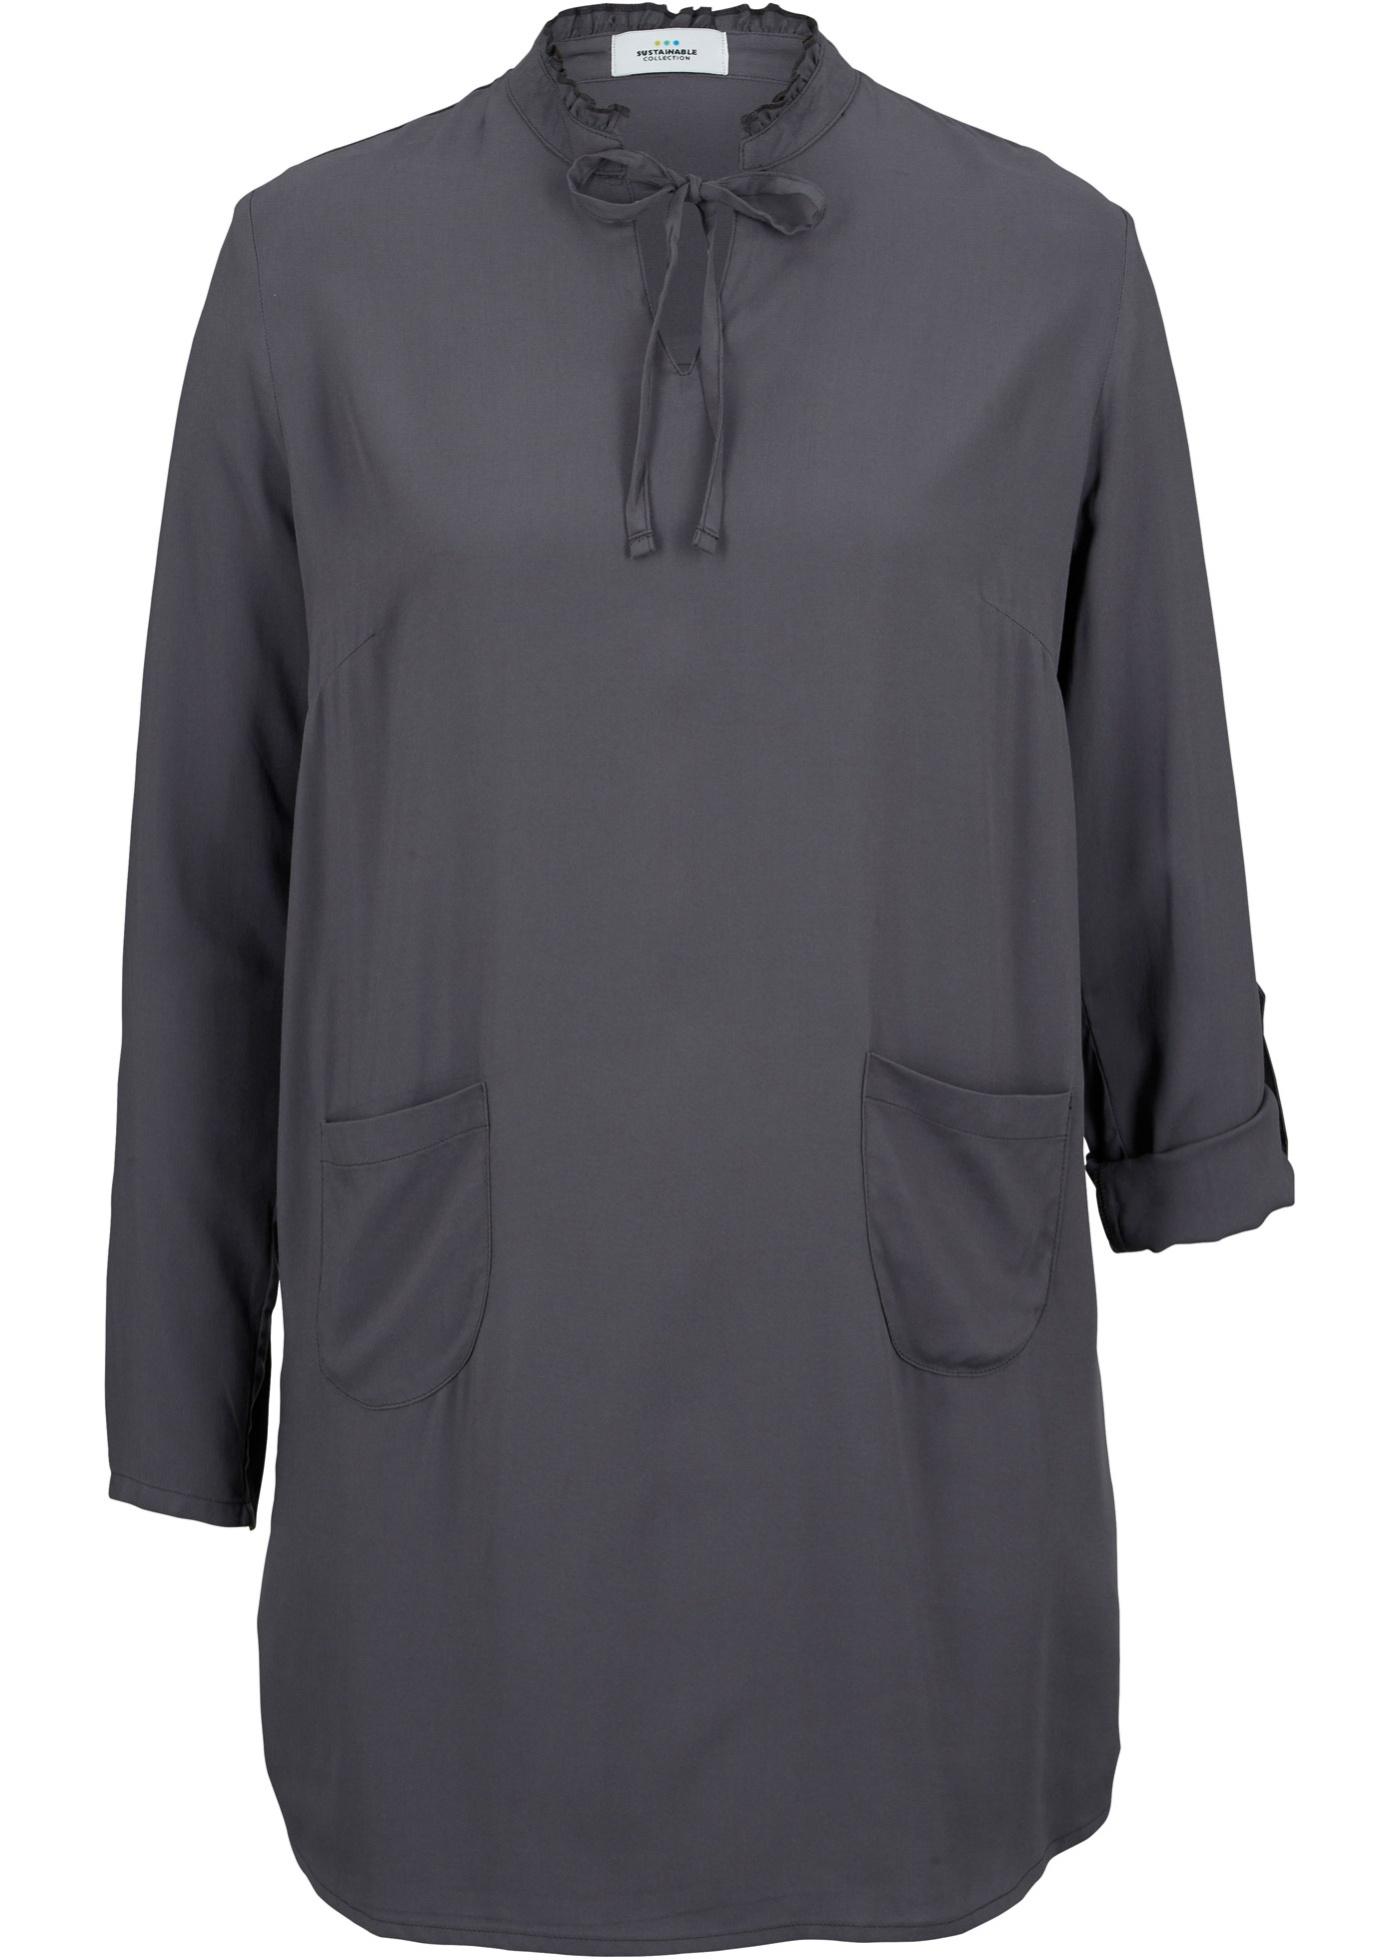 Nachhaltige Bluse  LENZING™ ECOVERO™ langarm  in grau für Damen von bonprix